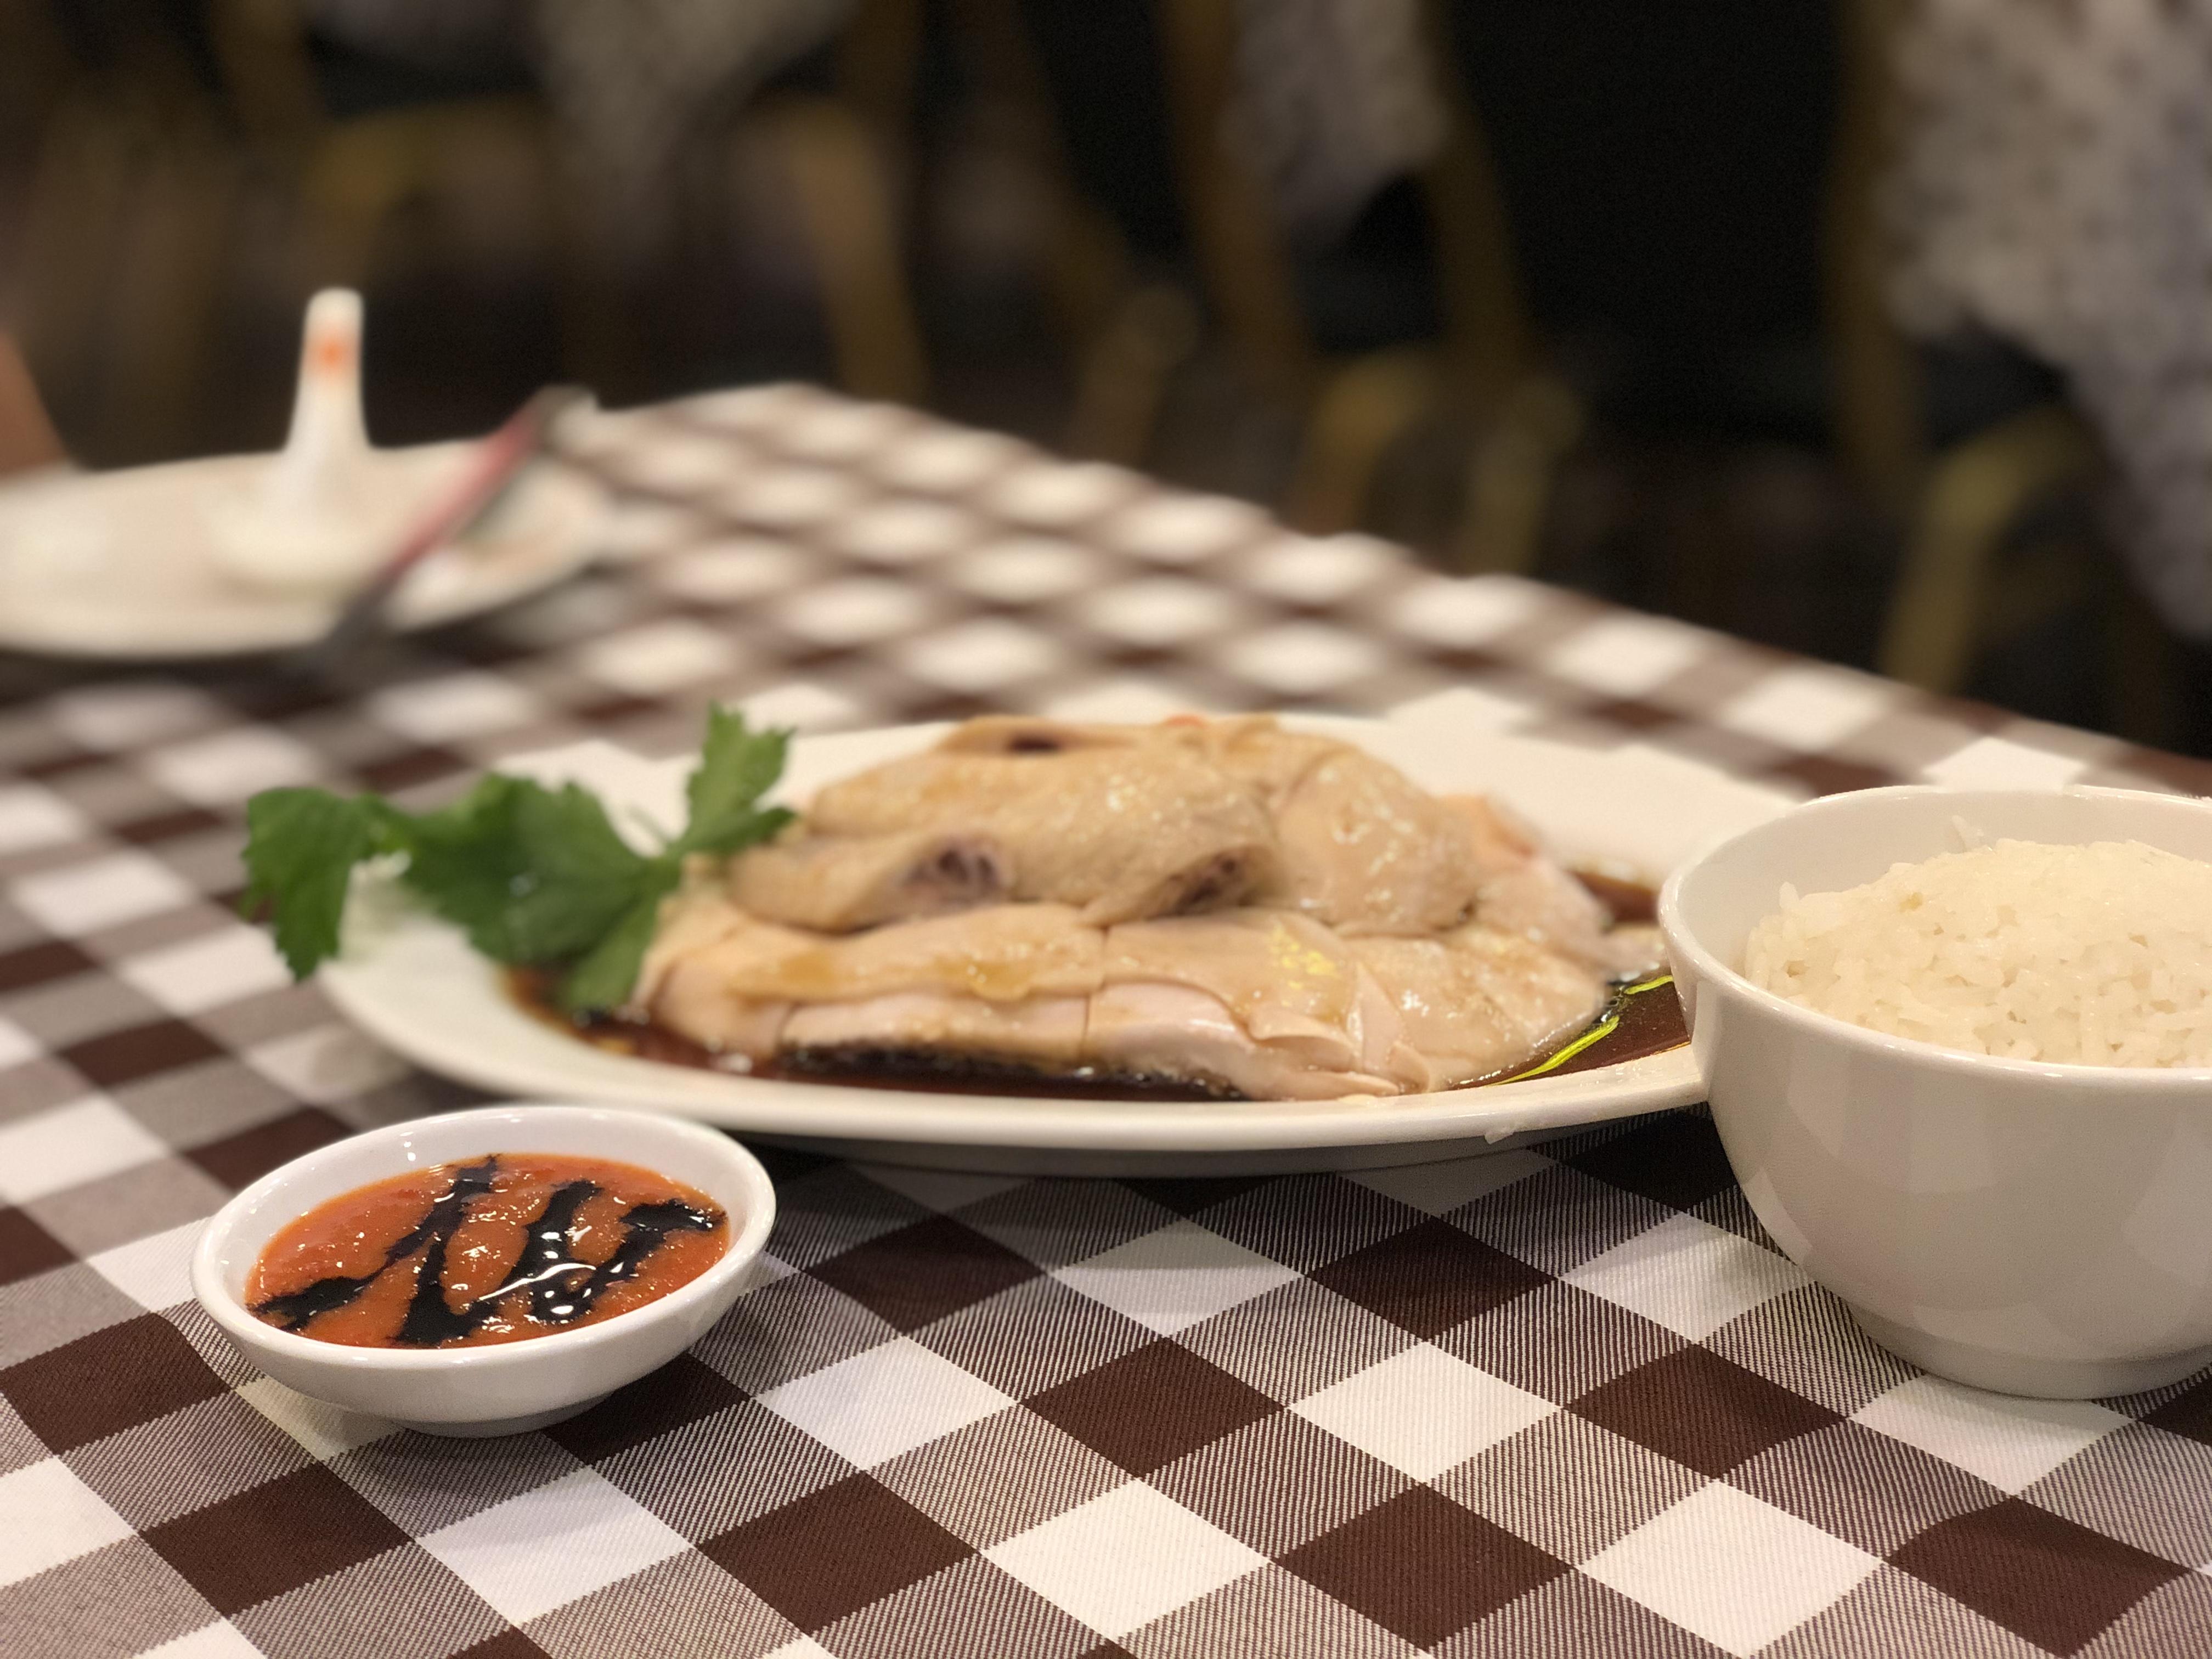 シンガポール食べ歩きログ第1弾: Boon Tong Keeのチキンライス